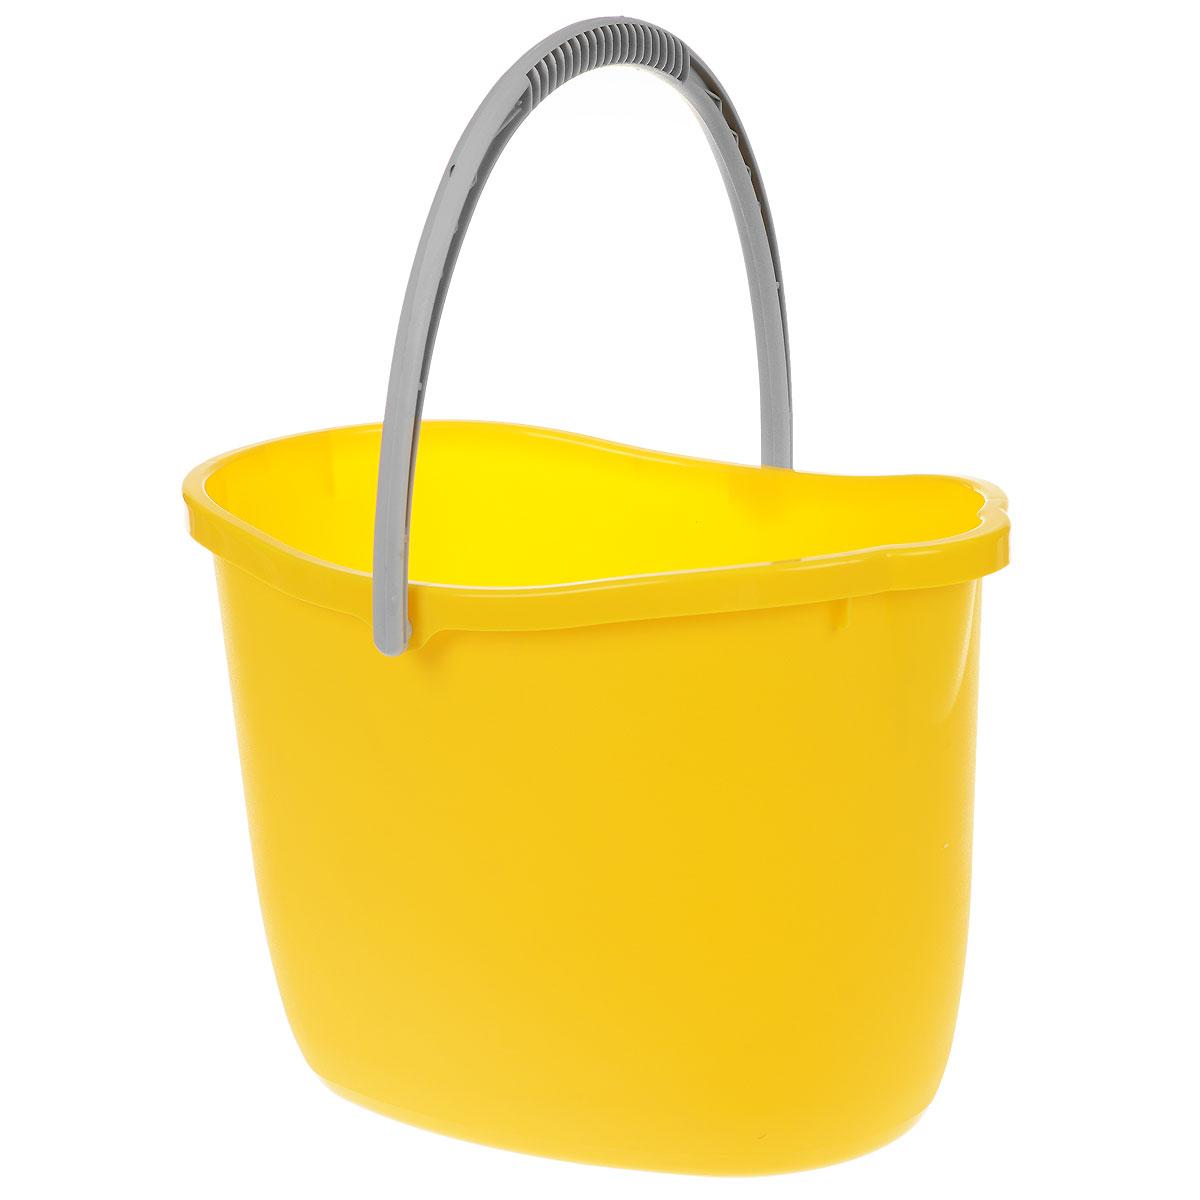 Ведро Apex, цвет: желтый, 15 л. 1036510365-A_желтыйВедро Apex изготовлено из высококачественного цветного пластика. Оно легче железного и не подвержено коррозии. Уникальный дизайн и эргономическая форма ручки позволяет с комфортом и безболезненно переносить содержимое ведра. Такое ведро станет незаменимым помощником в хозяйстве. Размер (по верхнему краю): 26 см х 37 см. Высота (без учета ручки): 26 см.